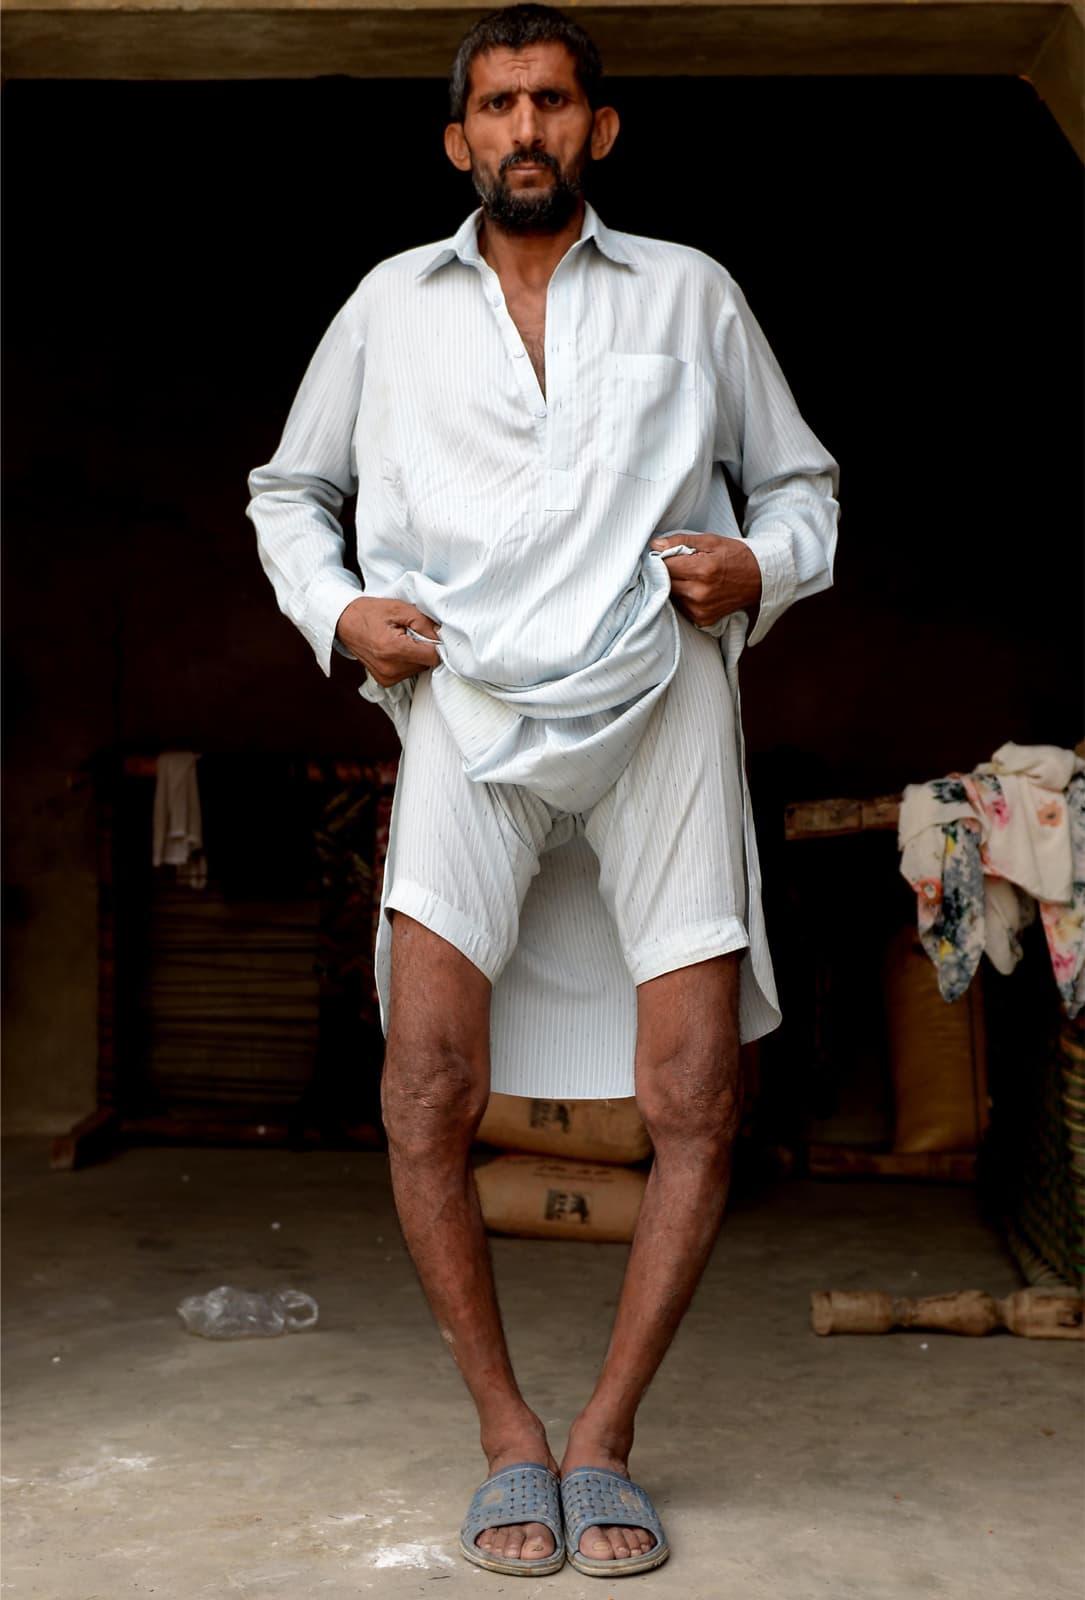 Amir Mir Ali shows his deformed knees